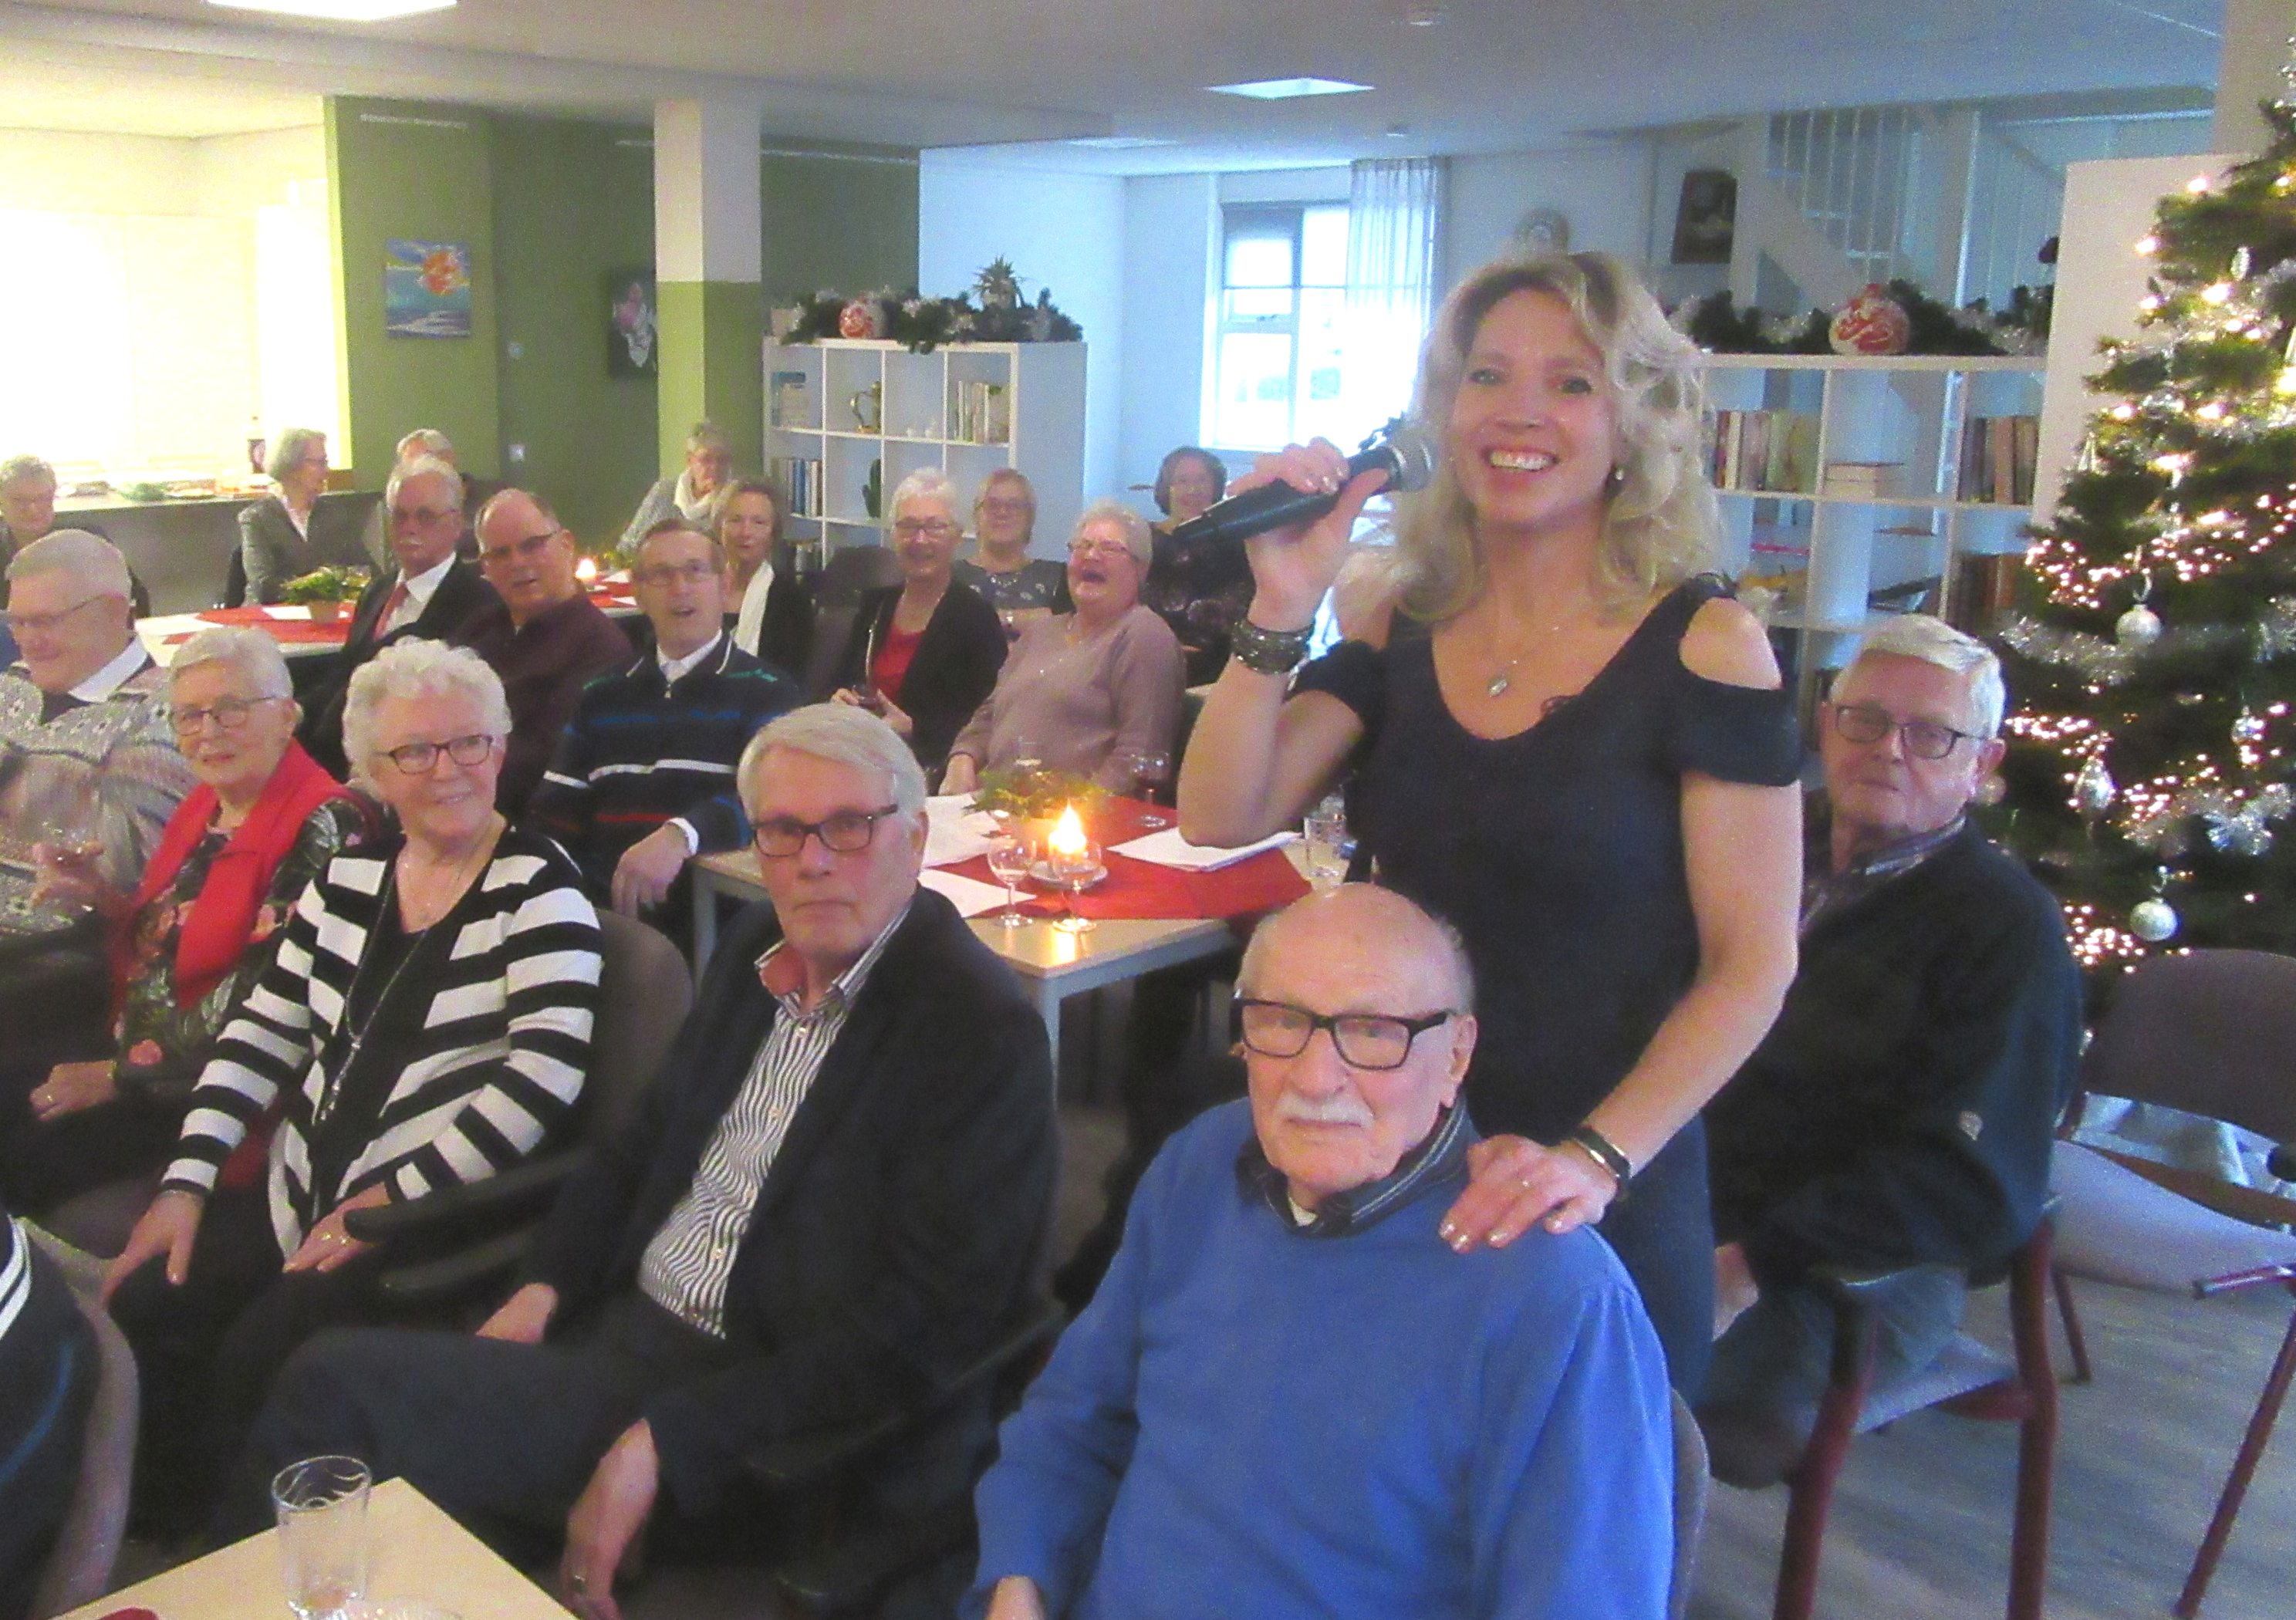 De zangeres neemt haar publiek mee op een muzikale reis. Zoals hier bij een seniorenclub in de kop van Noord-Holland. (Foto: Henk van Torenvlied)